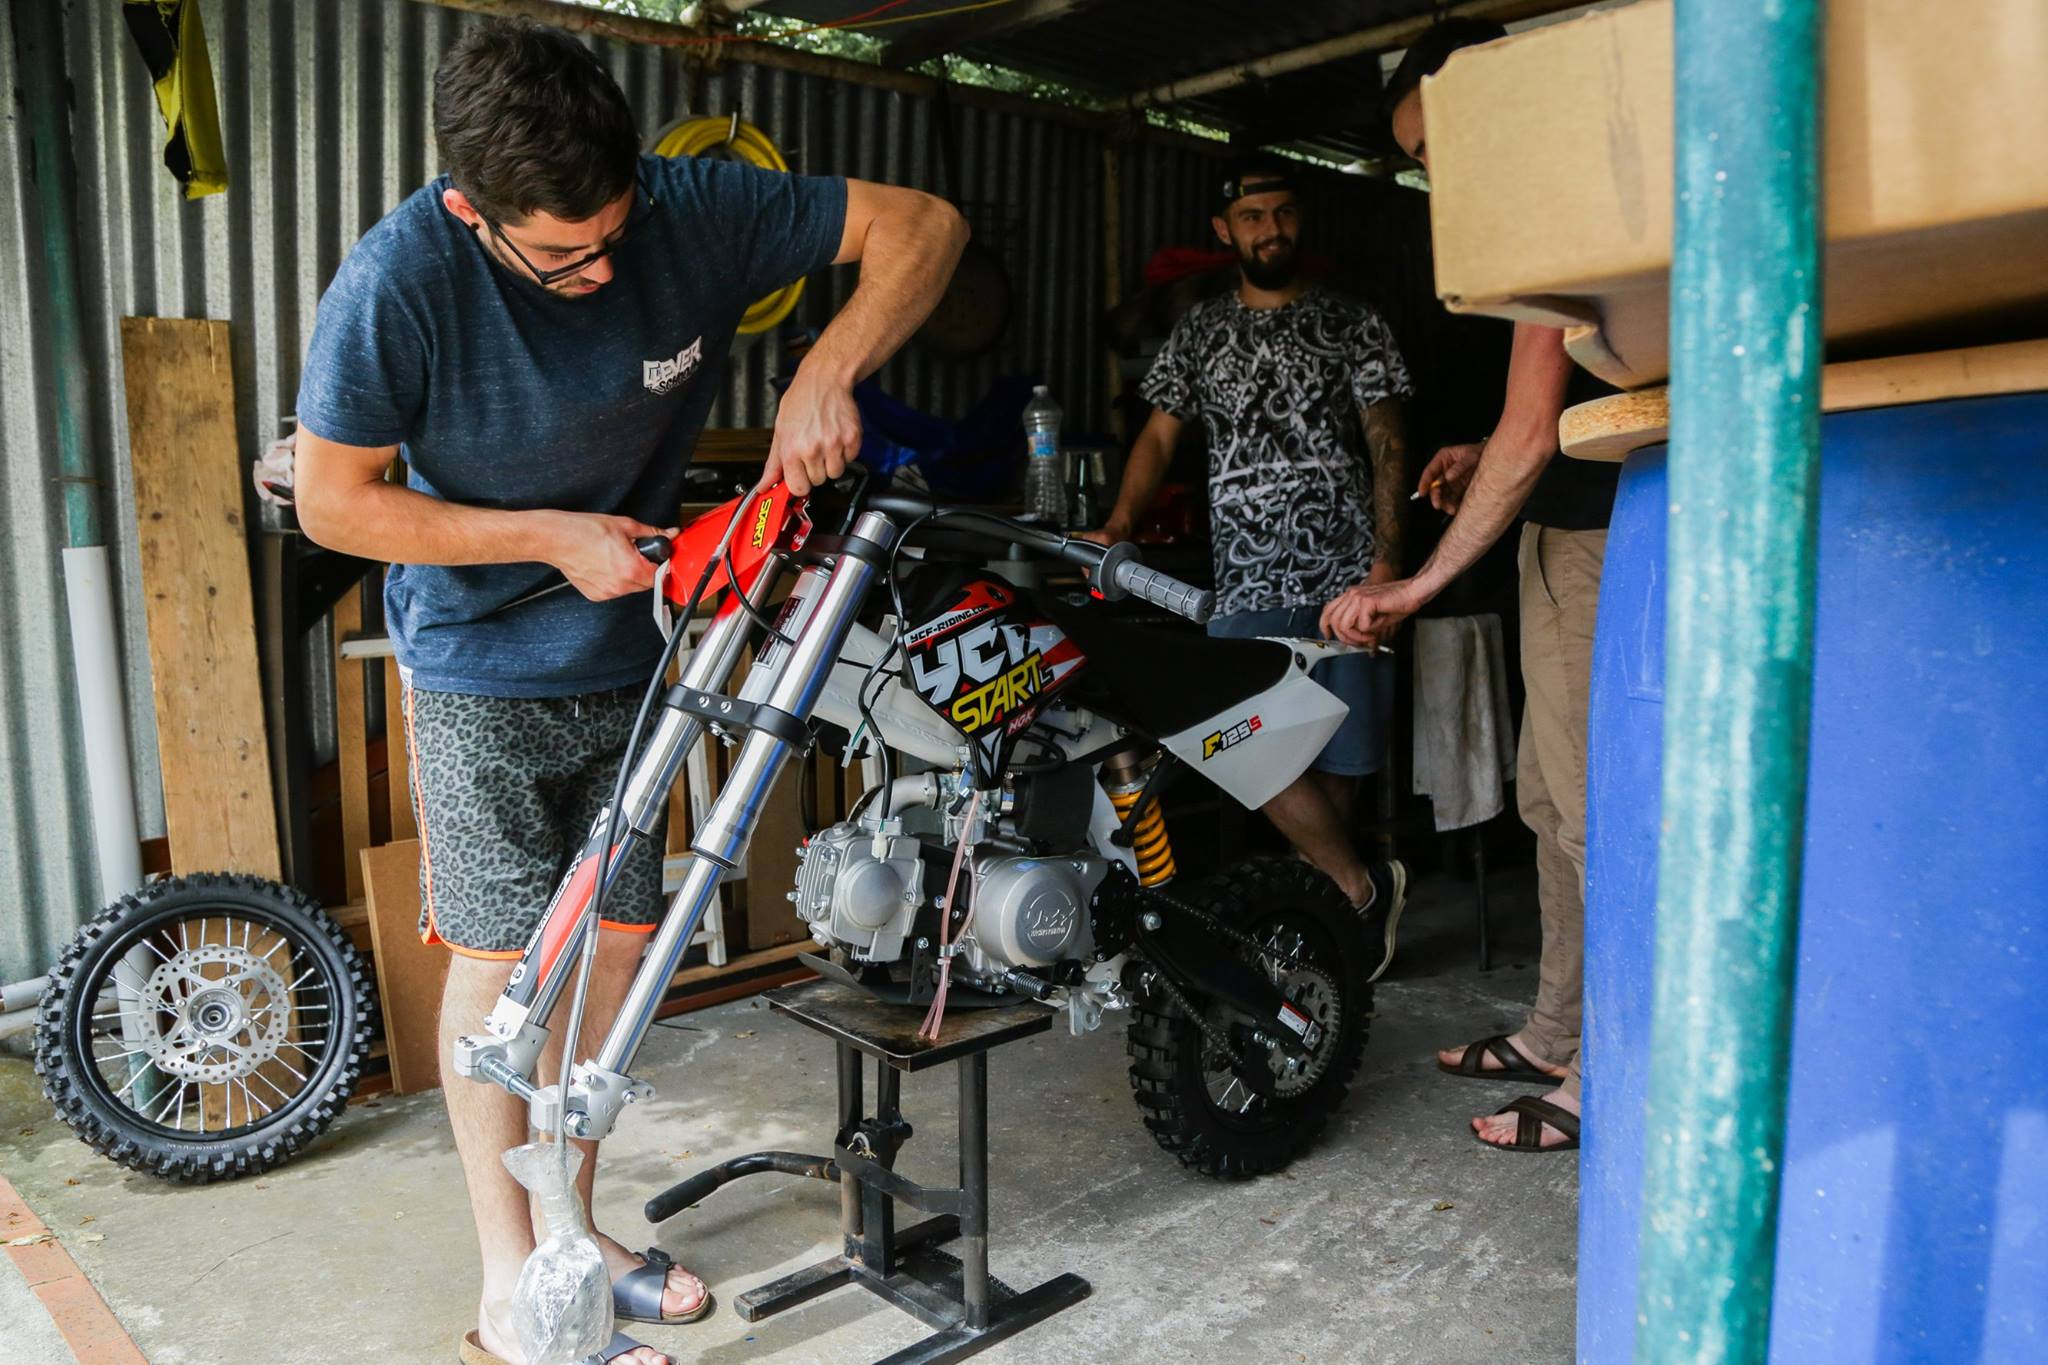 YCF pit bike 125s